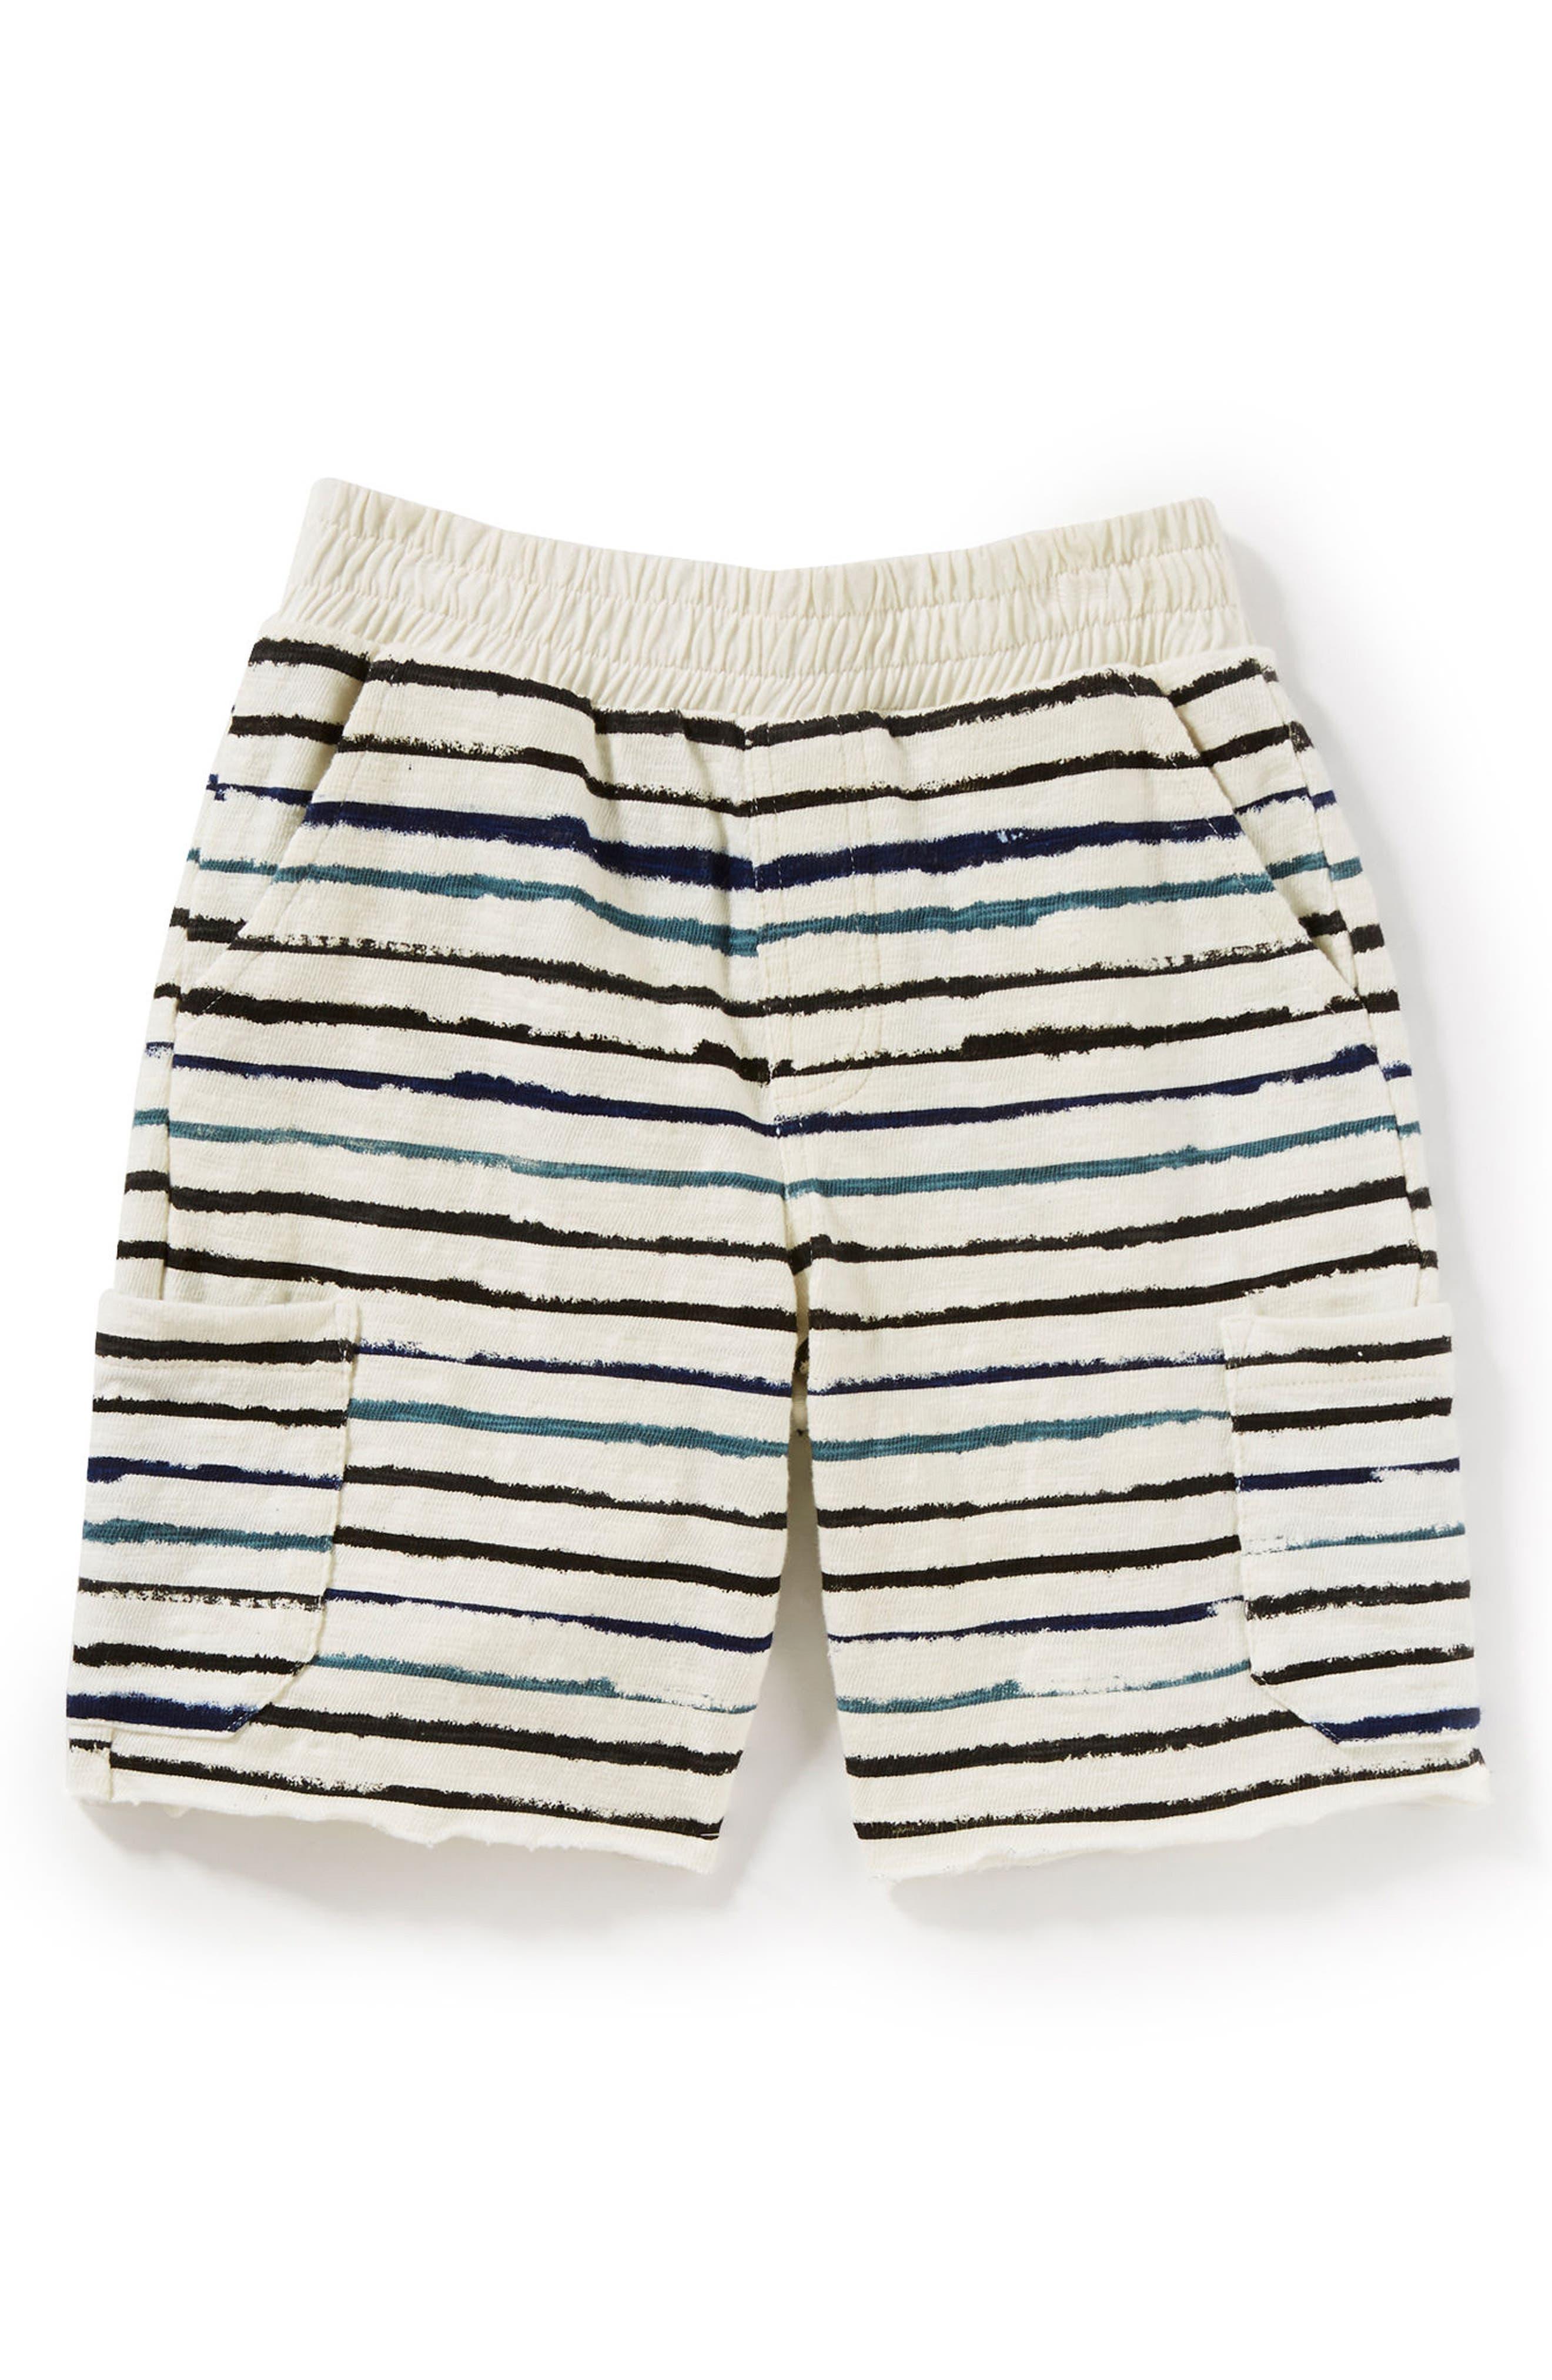 Peek Asher Stripe Shorts,                             Main thumbnail 1, color,                             900